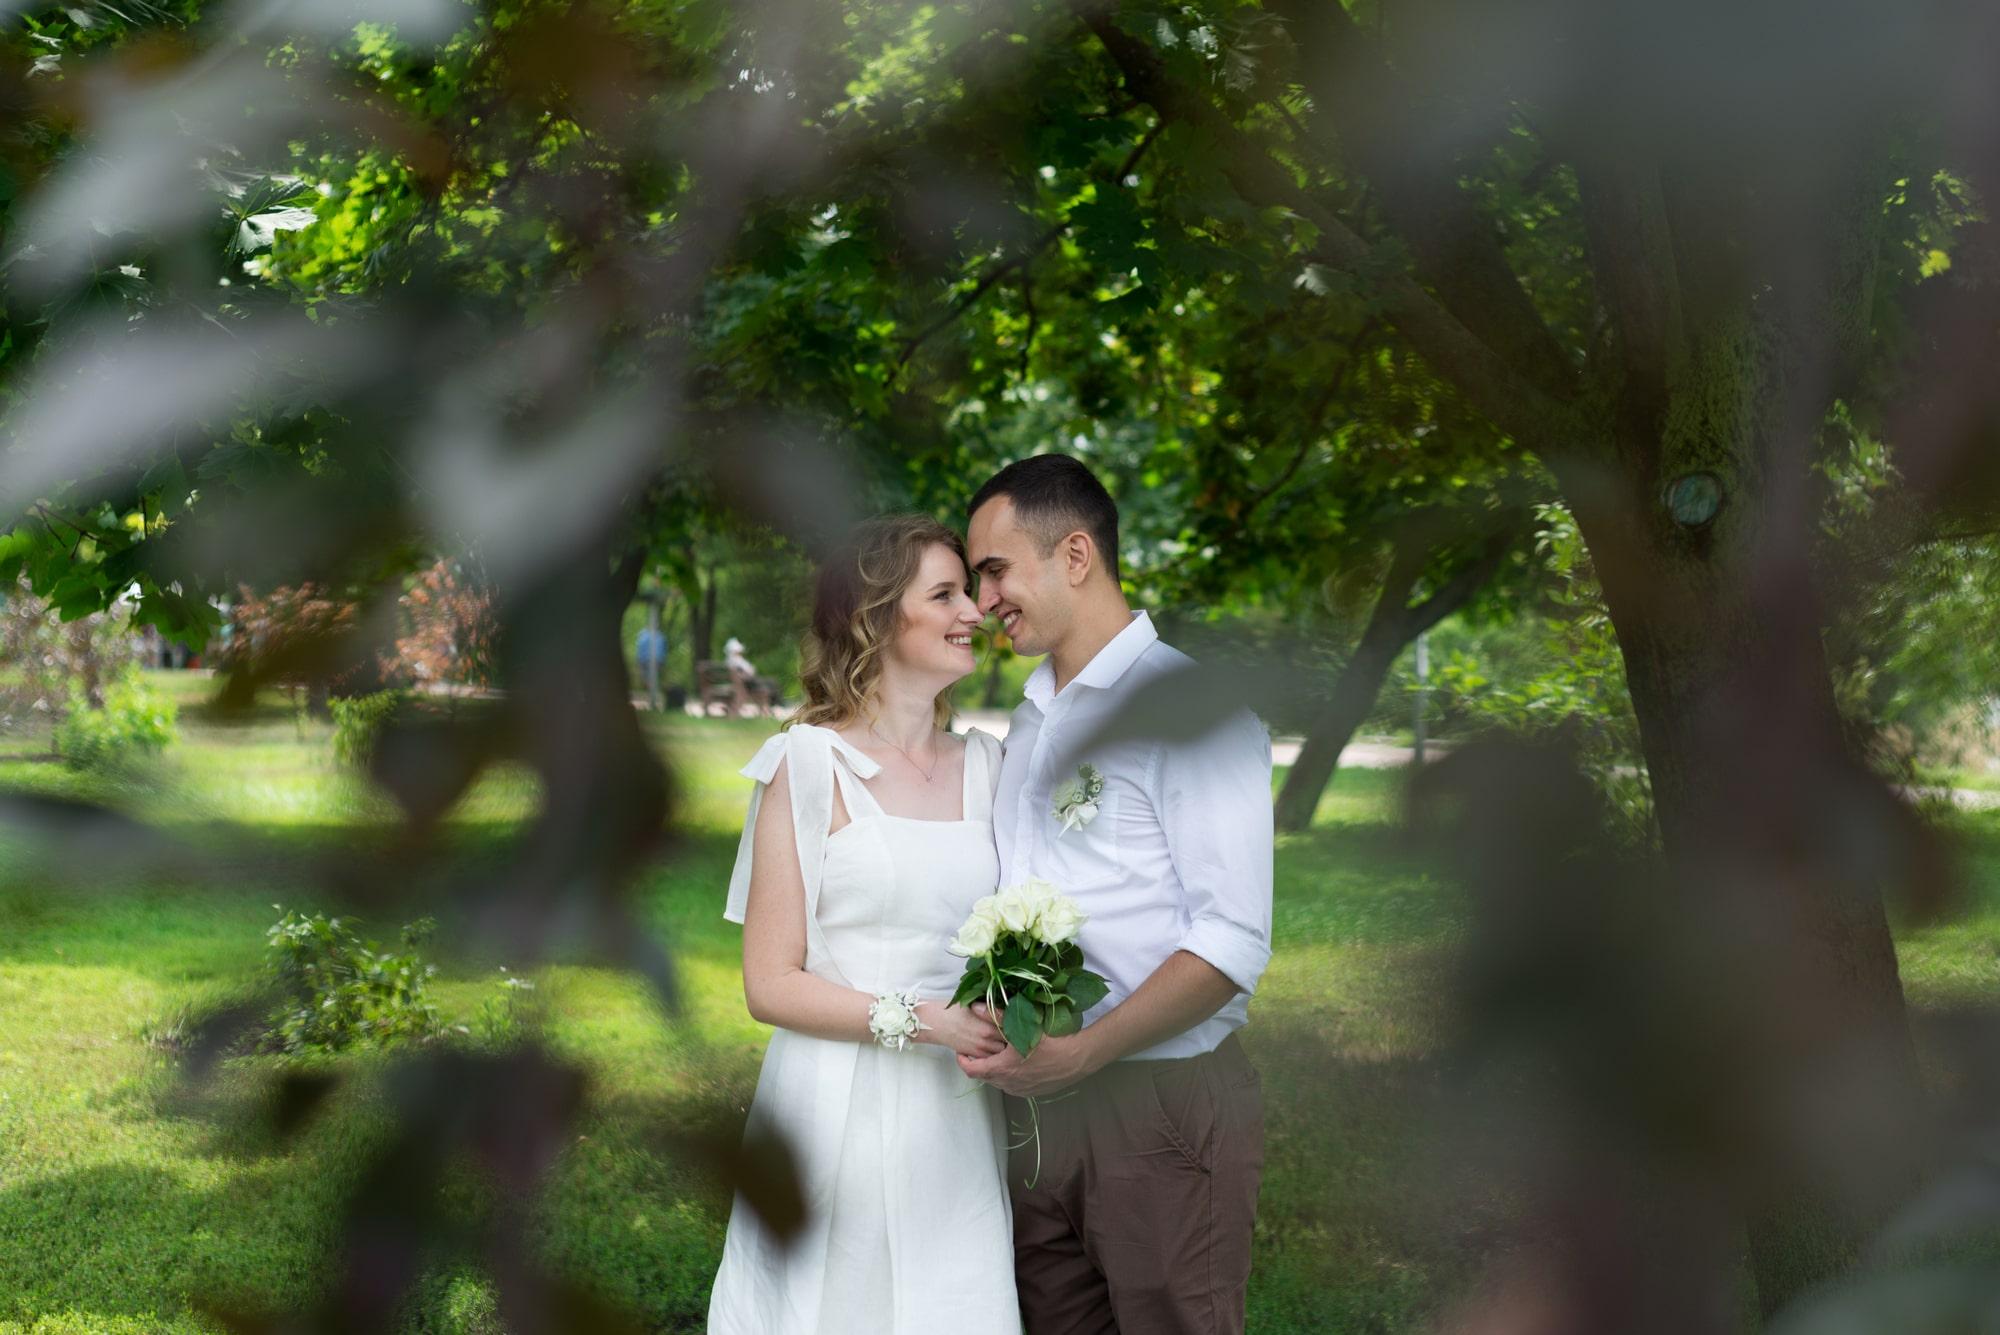 Фотосессия свадебная на Березняках - фотограф Женя Лайт